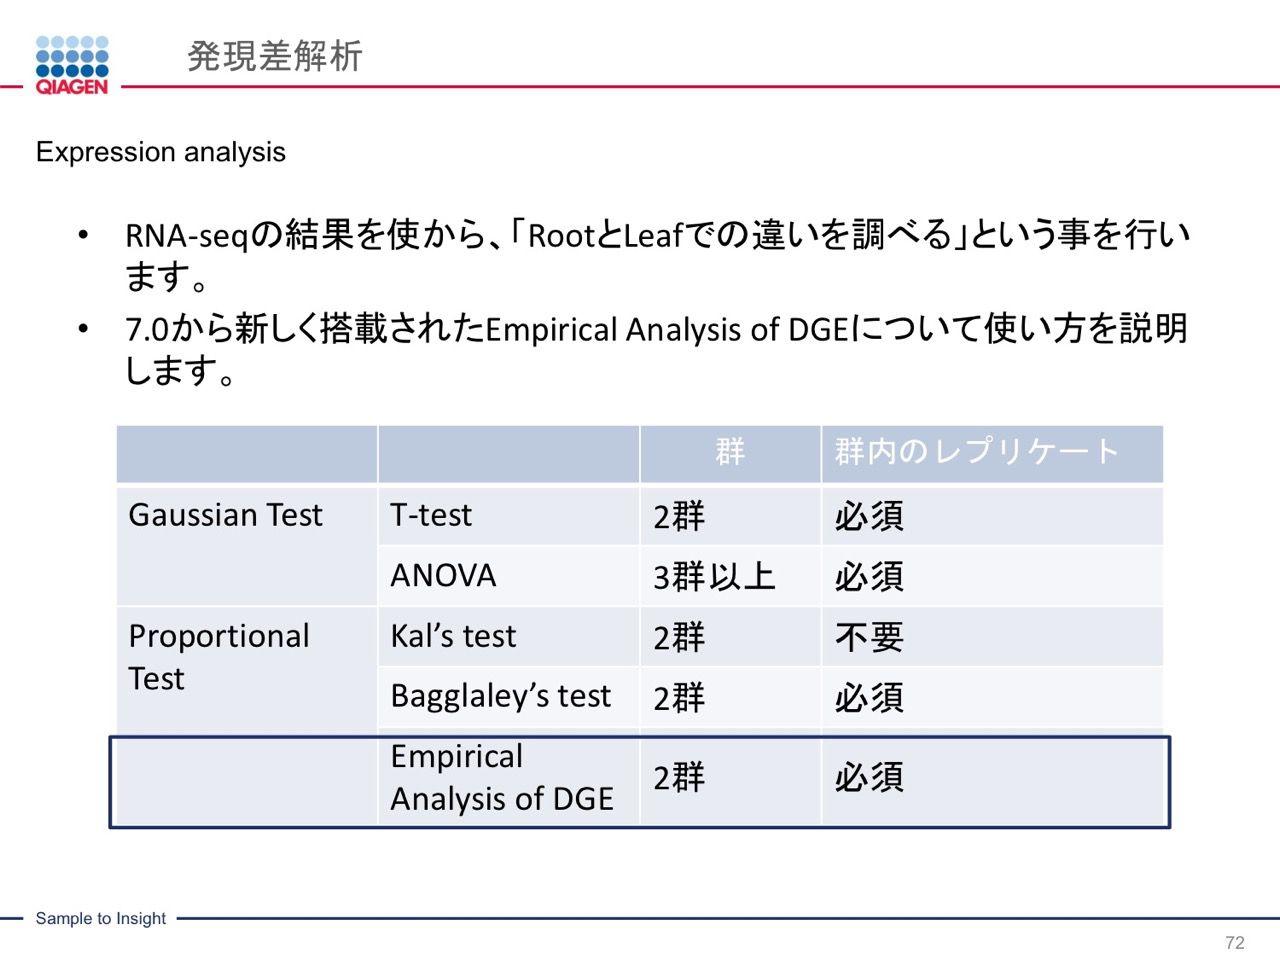 images/AJACSa2_miyamoto_072.jpg